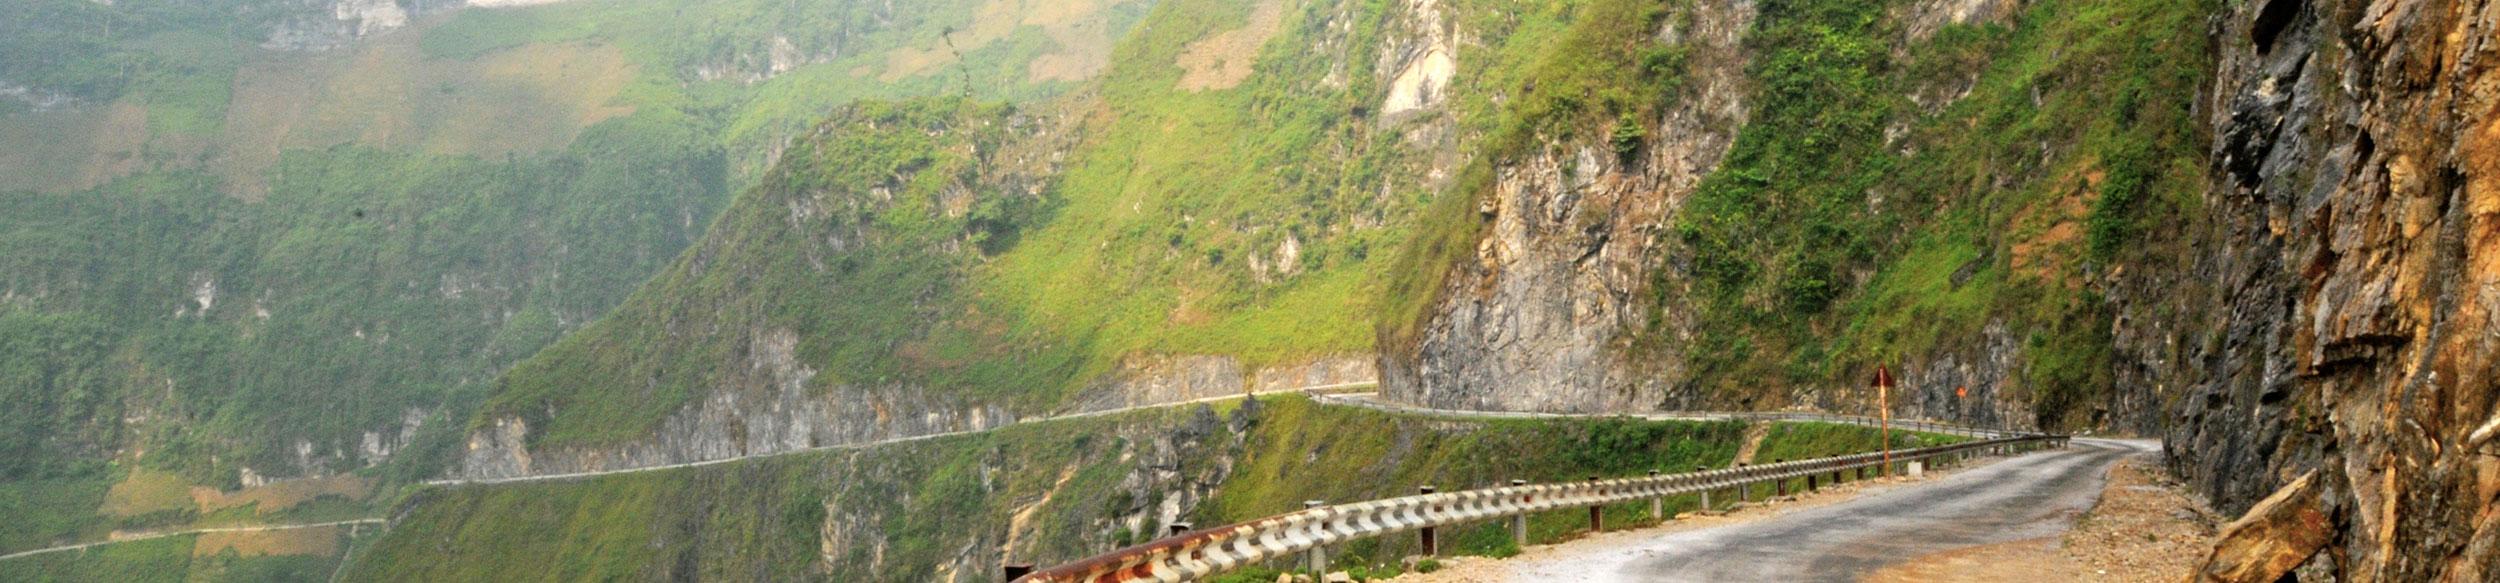 Un belle route de Ha Giang à parcourir lors d'un voyage au Vietnam à moto